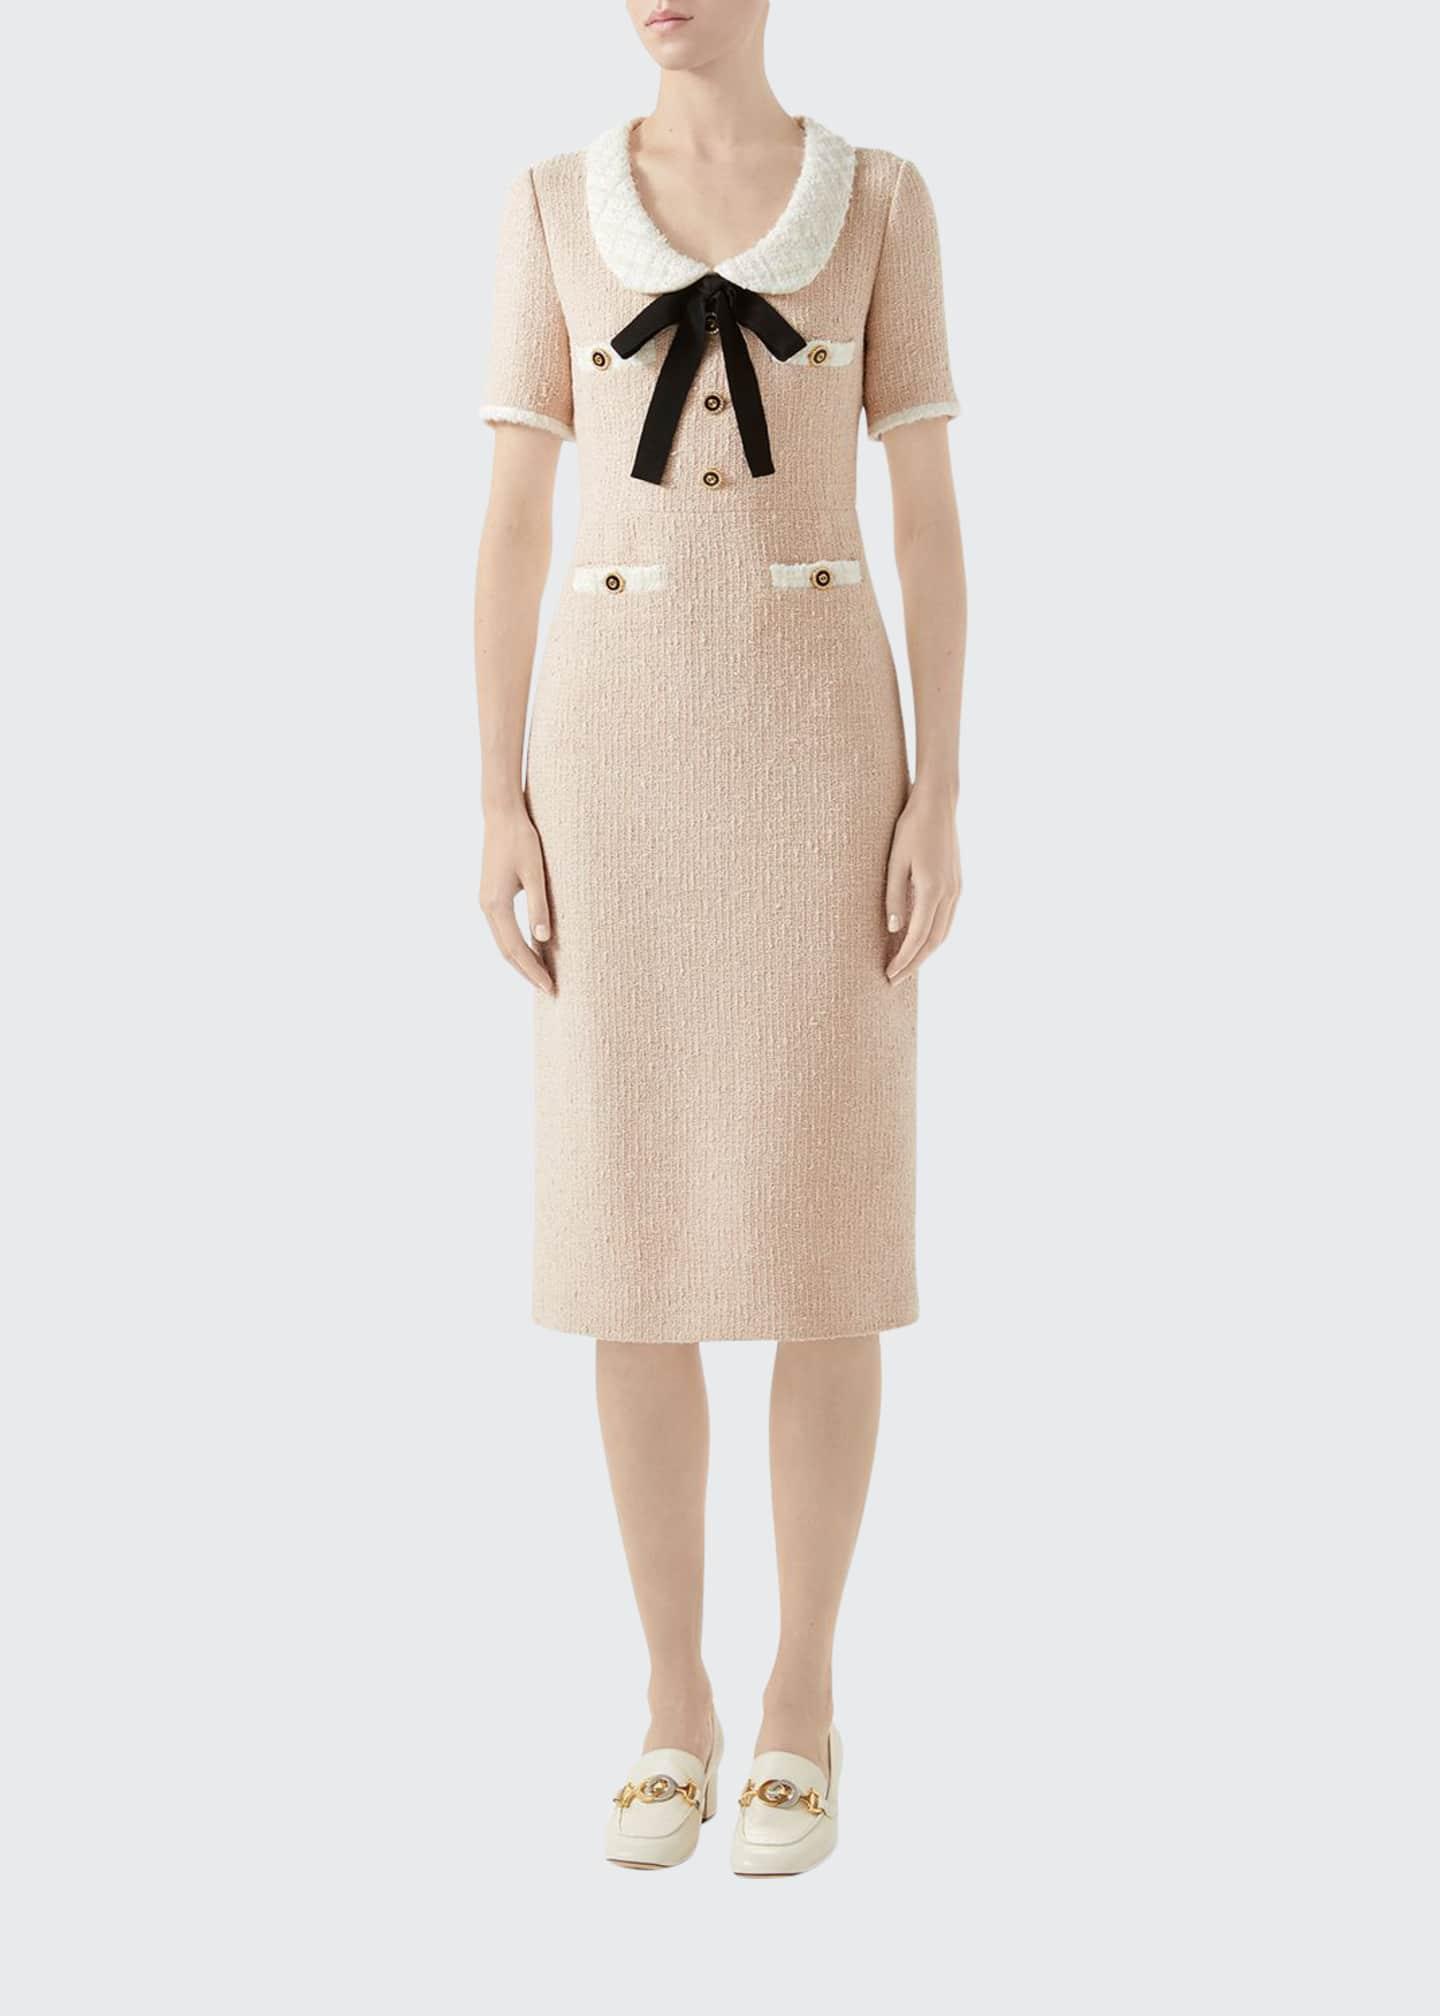 Gucci Bowed-Neck Tweed Midi Dress